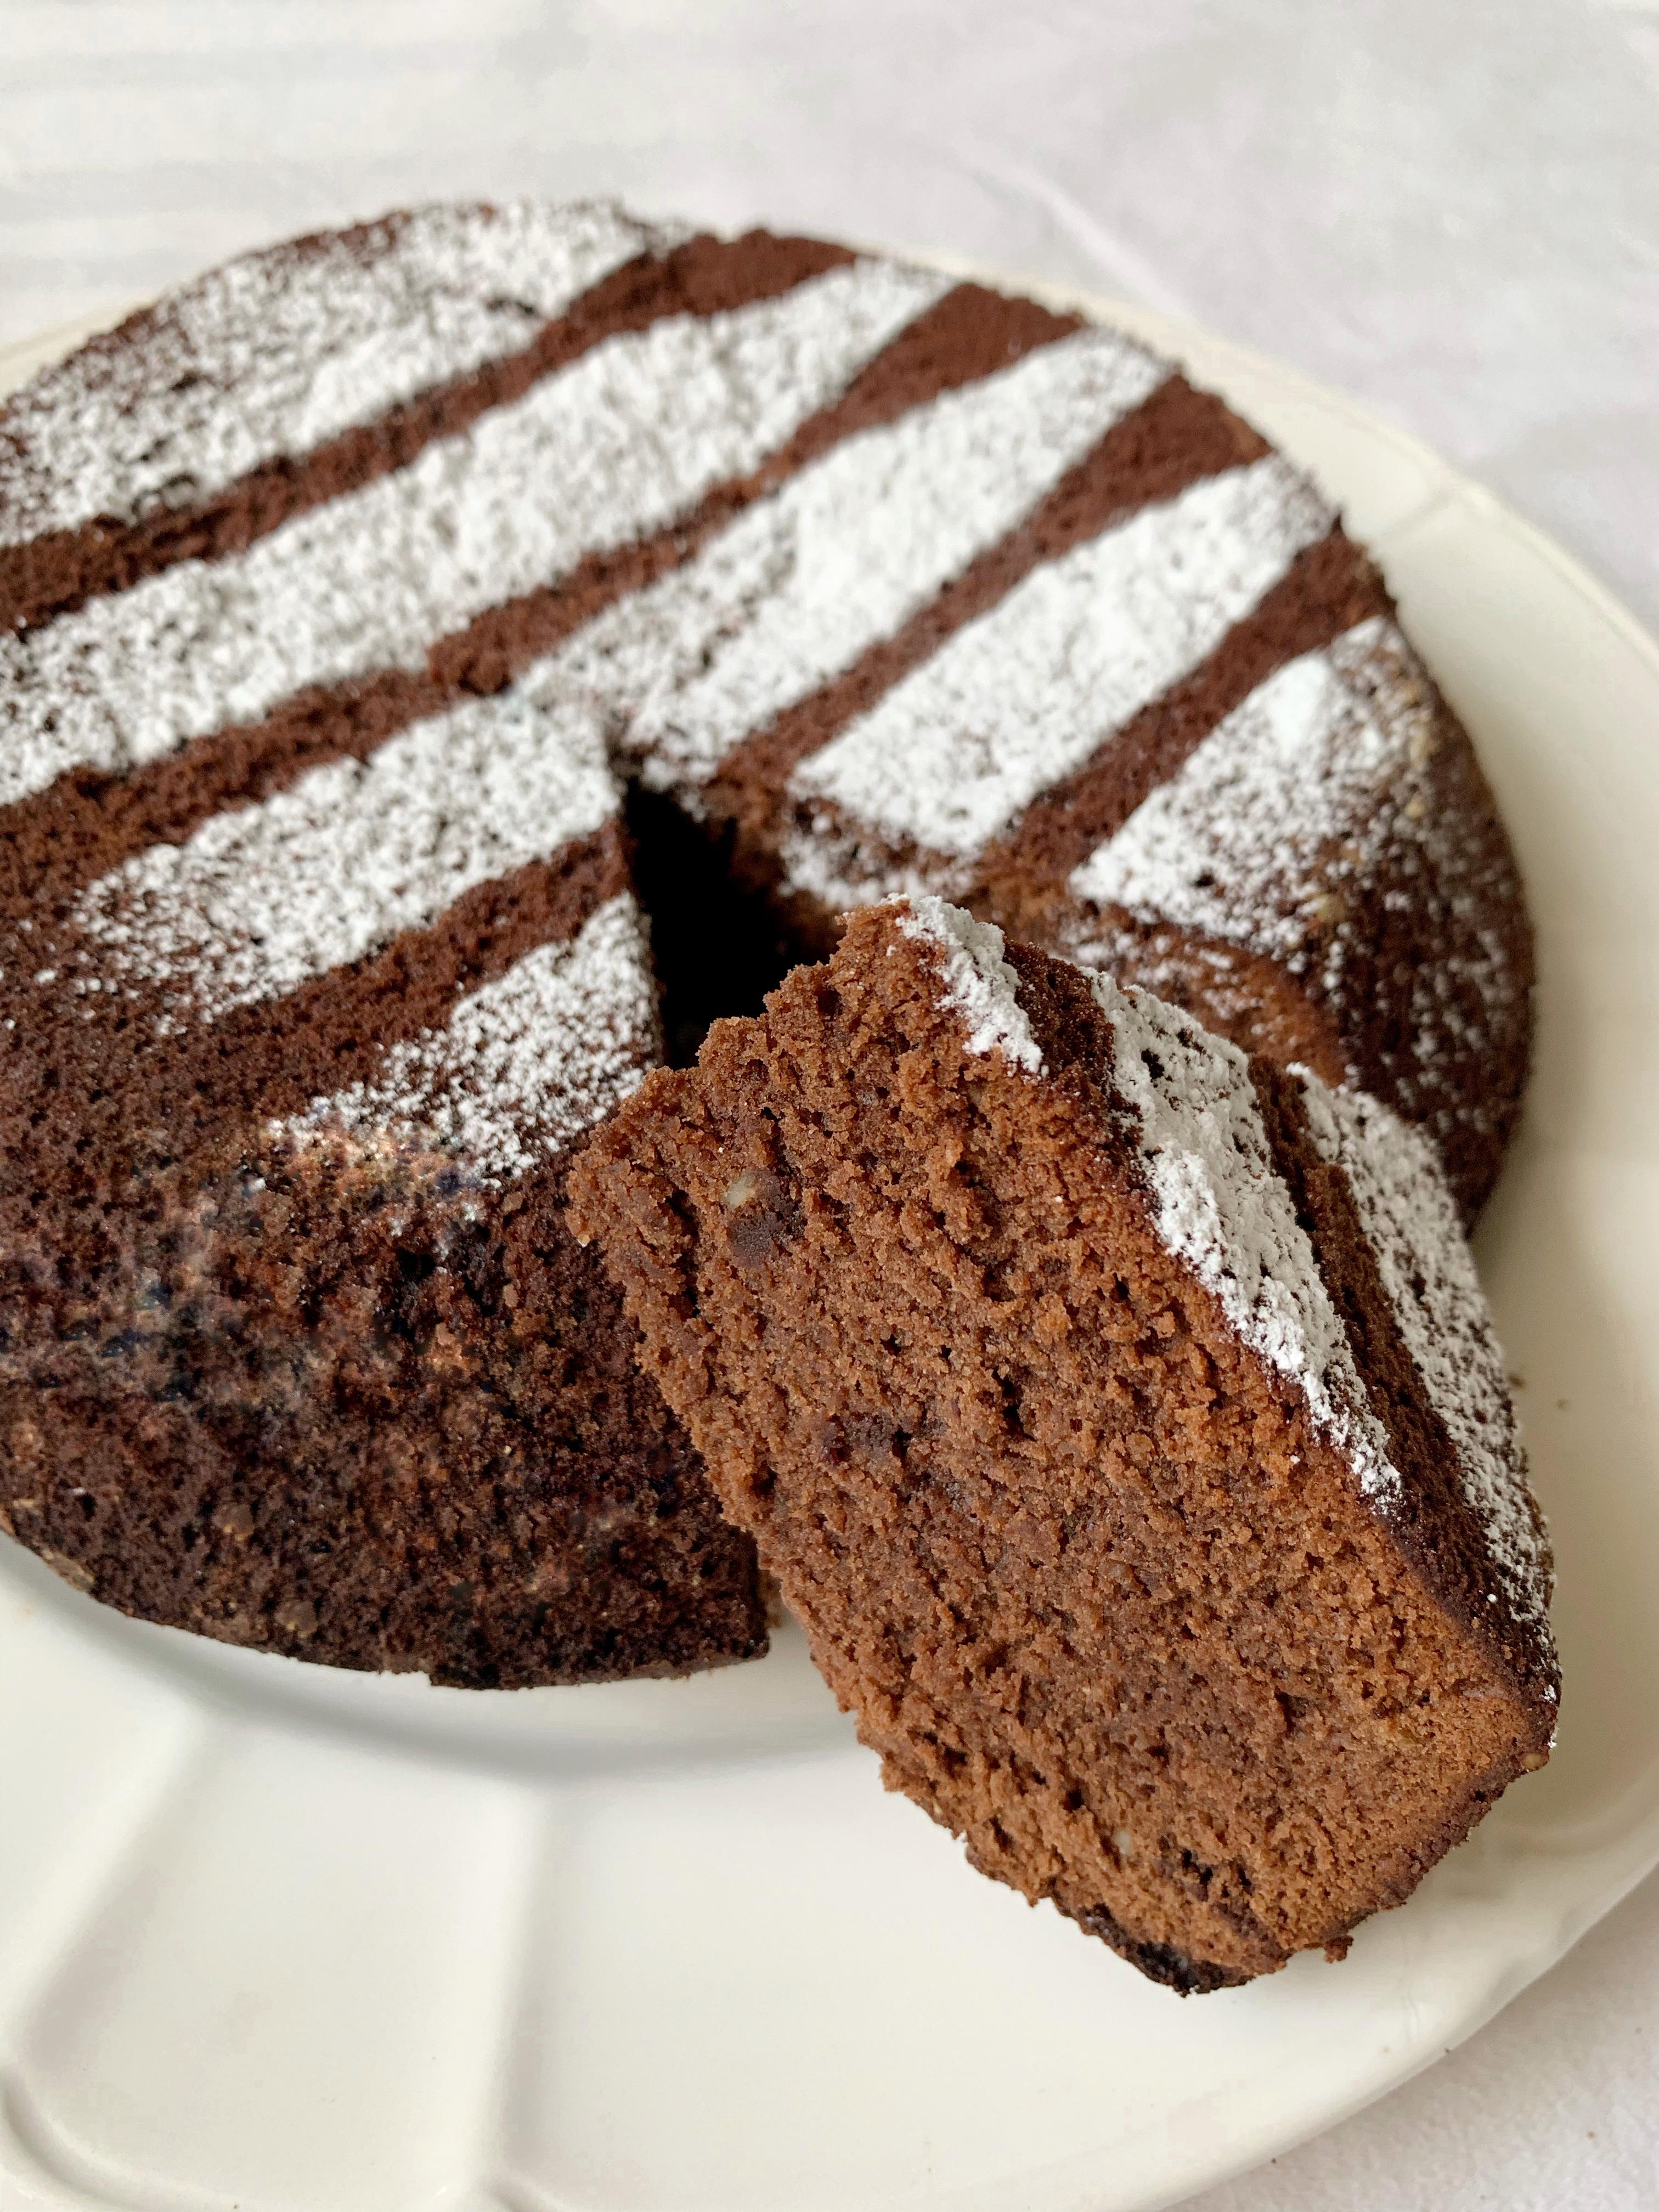 Torta Caprese Senza Burro, un classico della pasticceria. Una torta al cioccolato senza farina dalla consistenza soffice e umida che si scioglie in bocca!